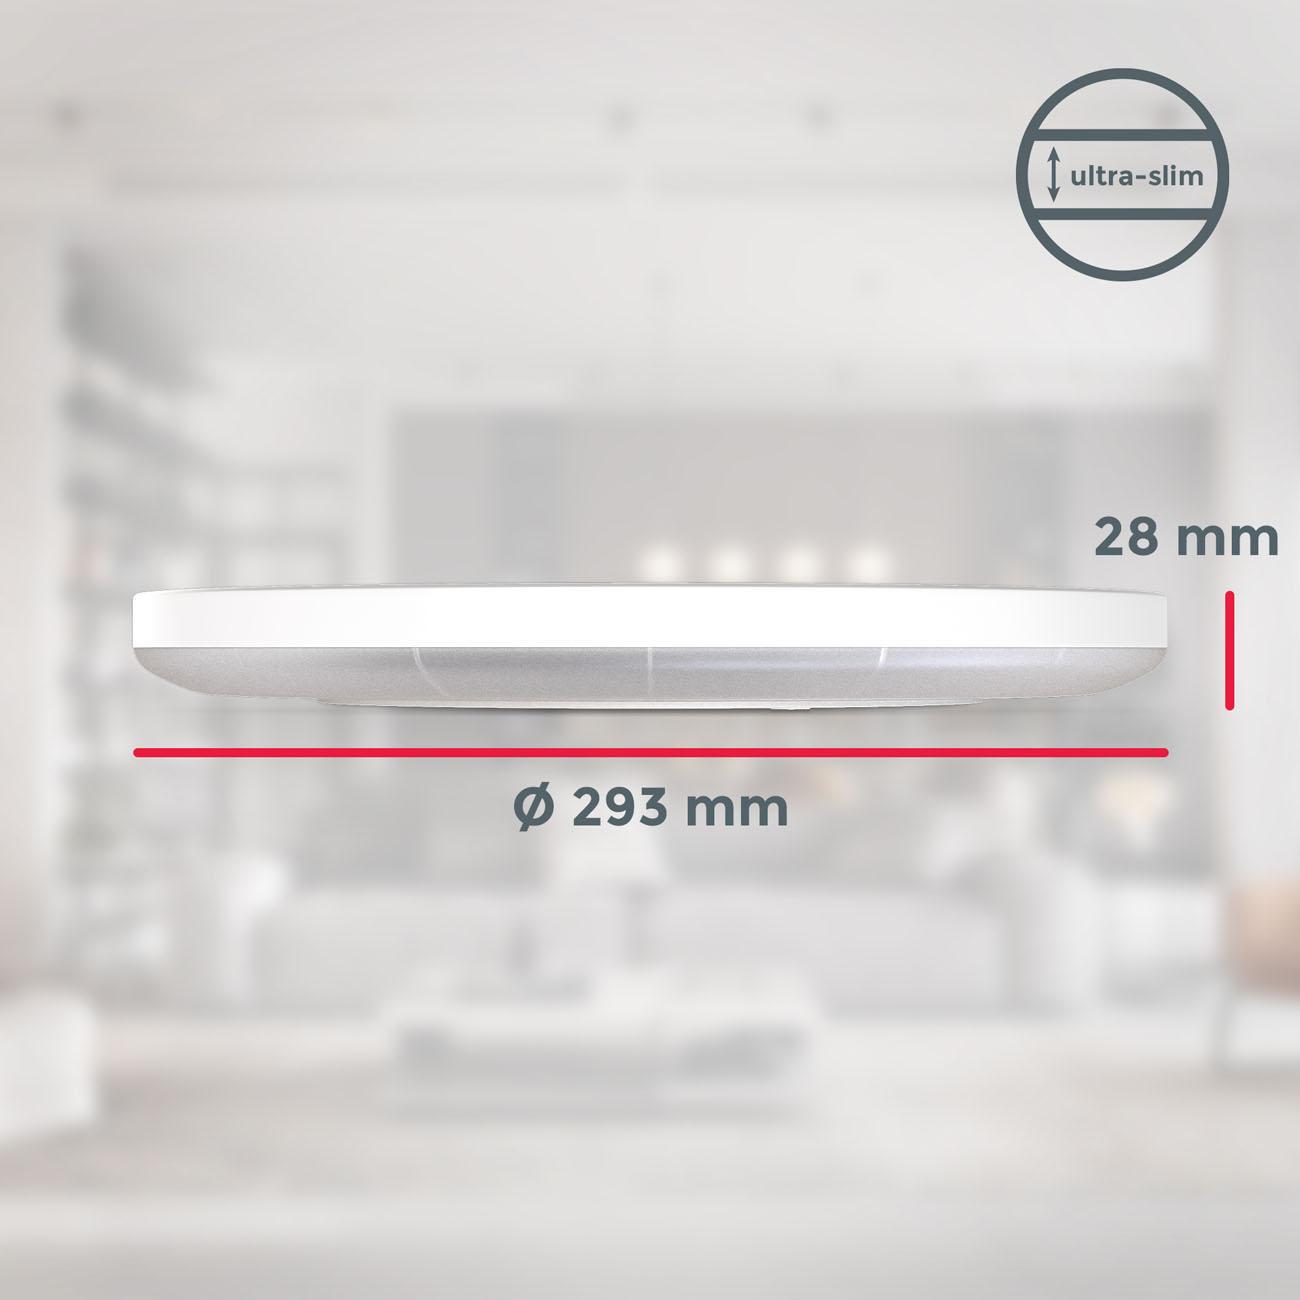 LED Panel mit Backlight-Effekt ultra-flach weiß rund  - 8